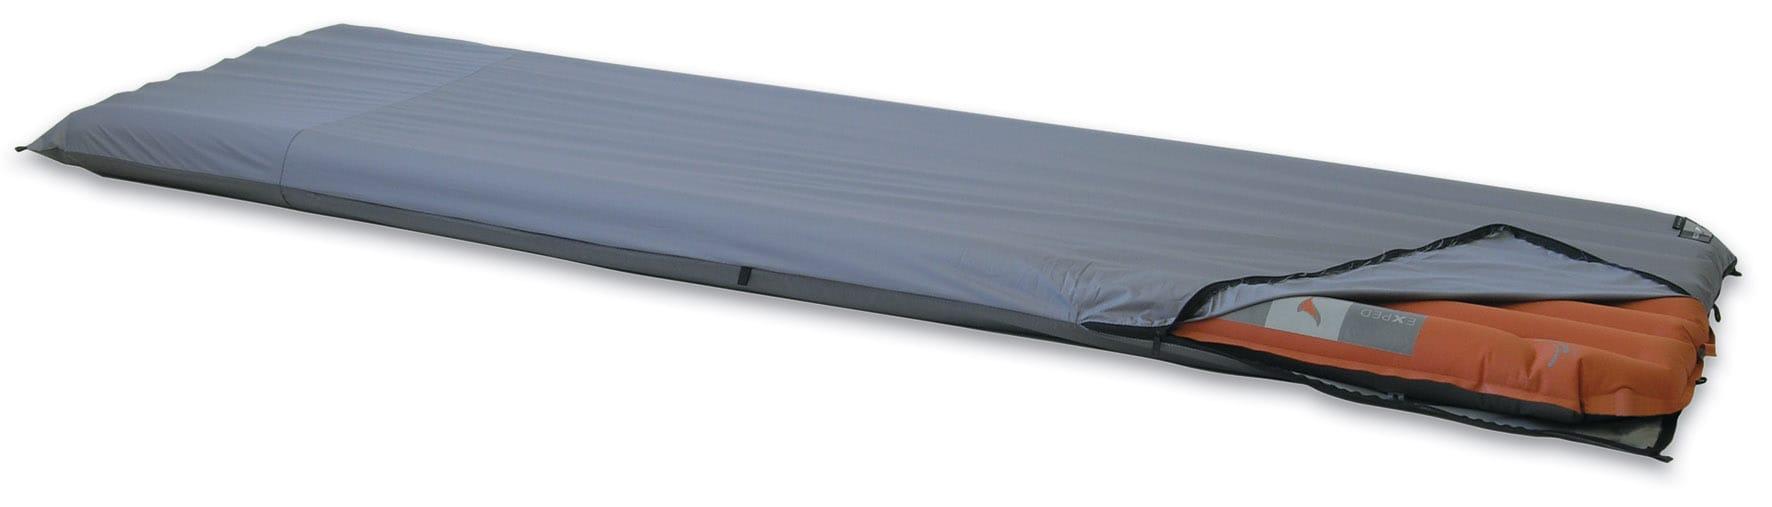 mat cover